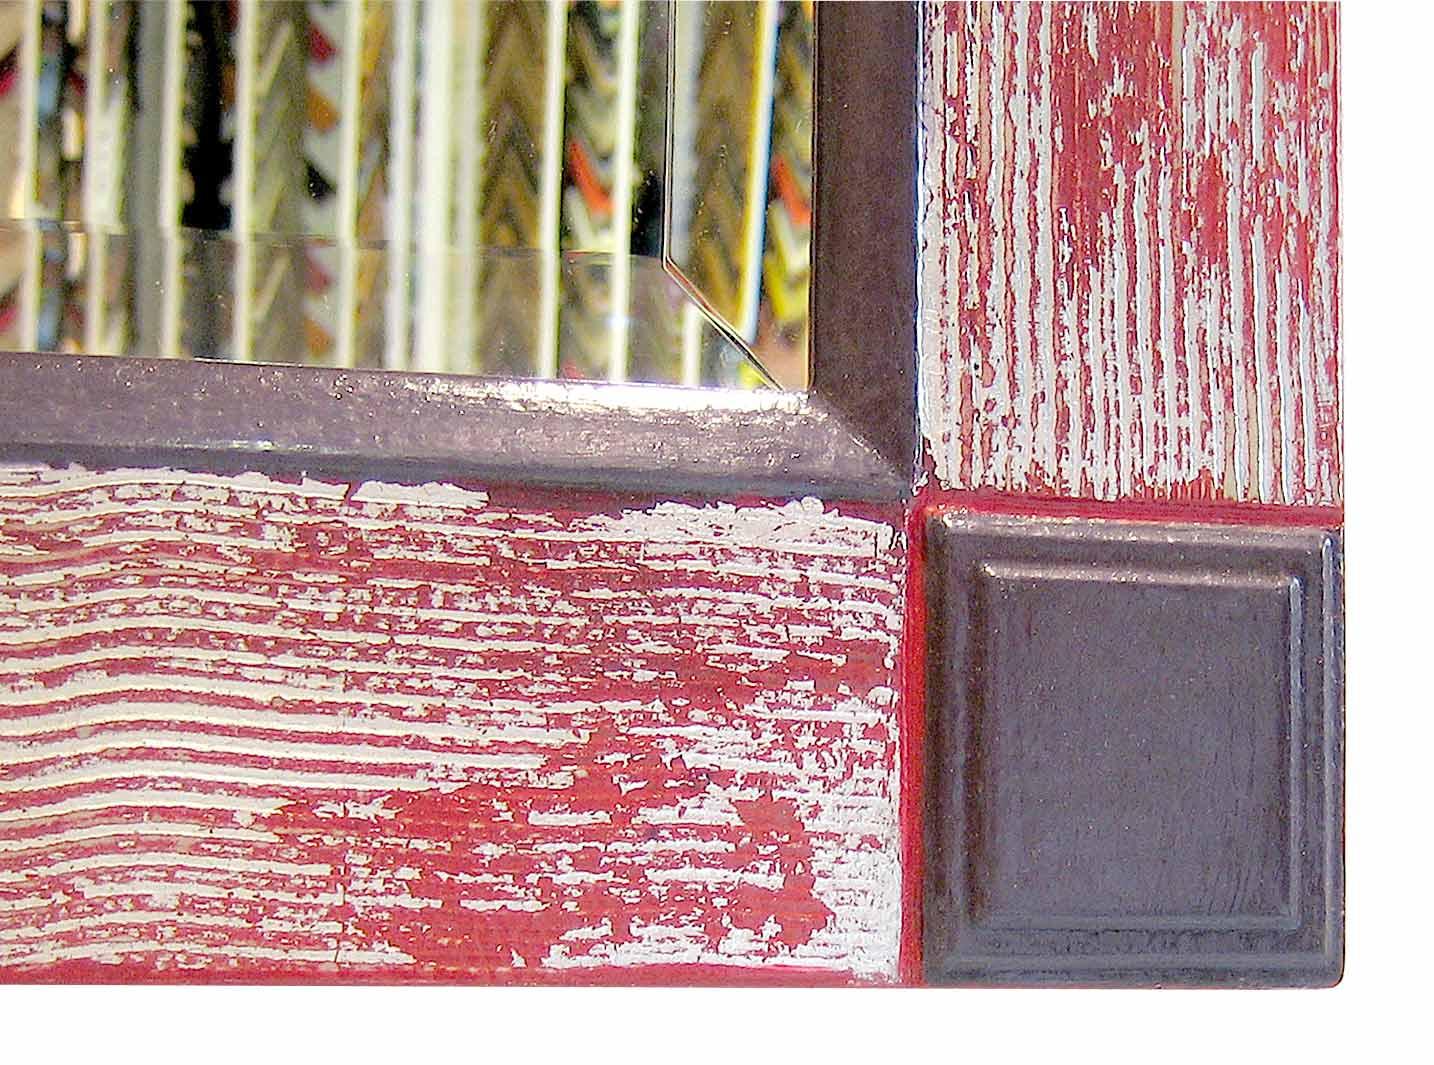 Spiegel 70 - Rahmen Wave - Belegt mit Schlagmetall auf Untergrund Rot - Ausschnitt mit Eckverzierung